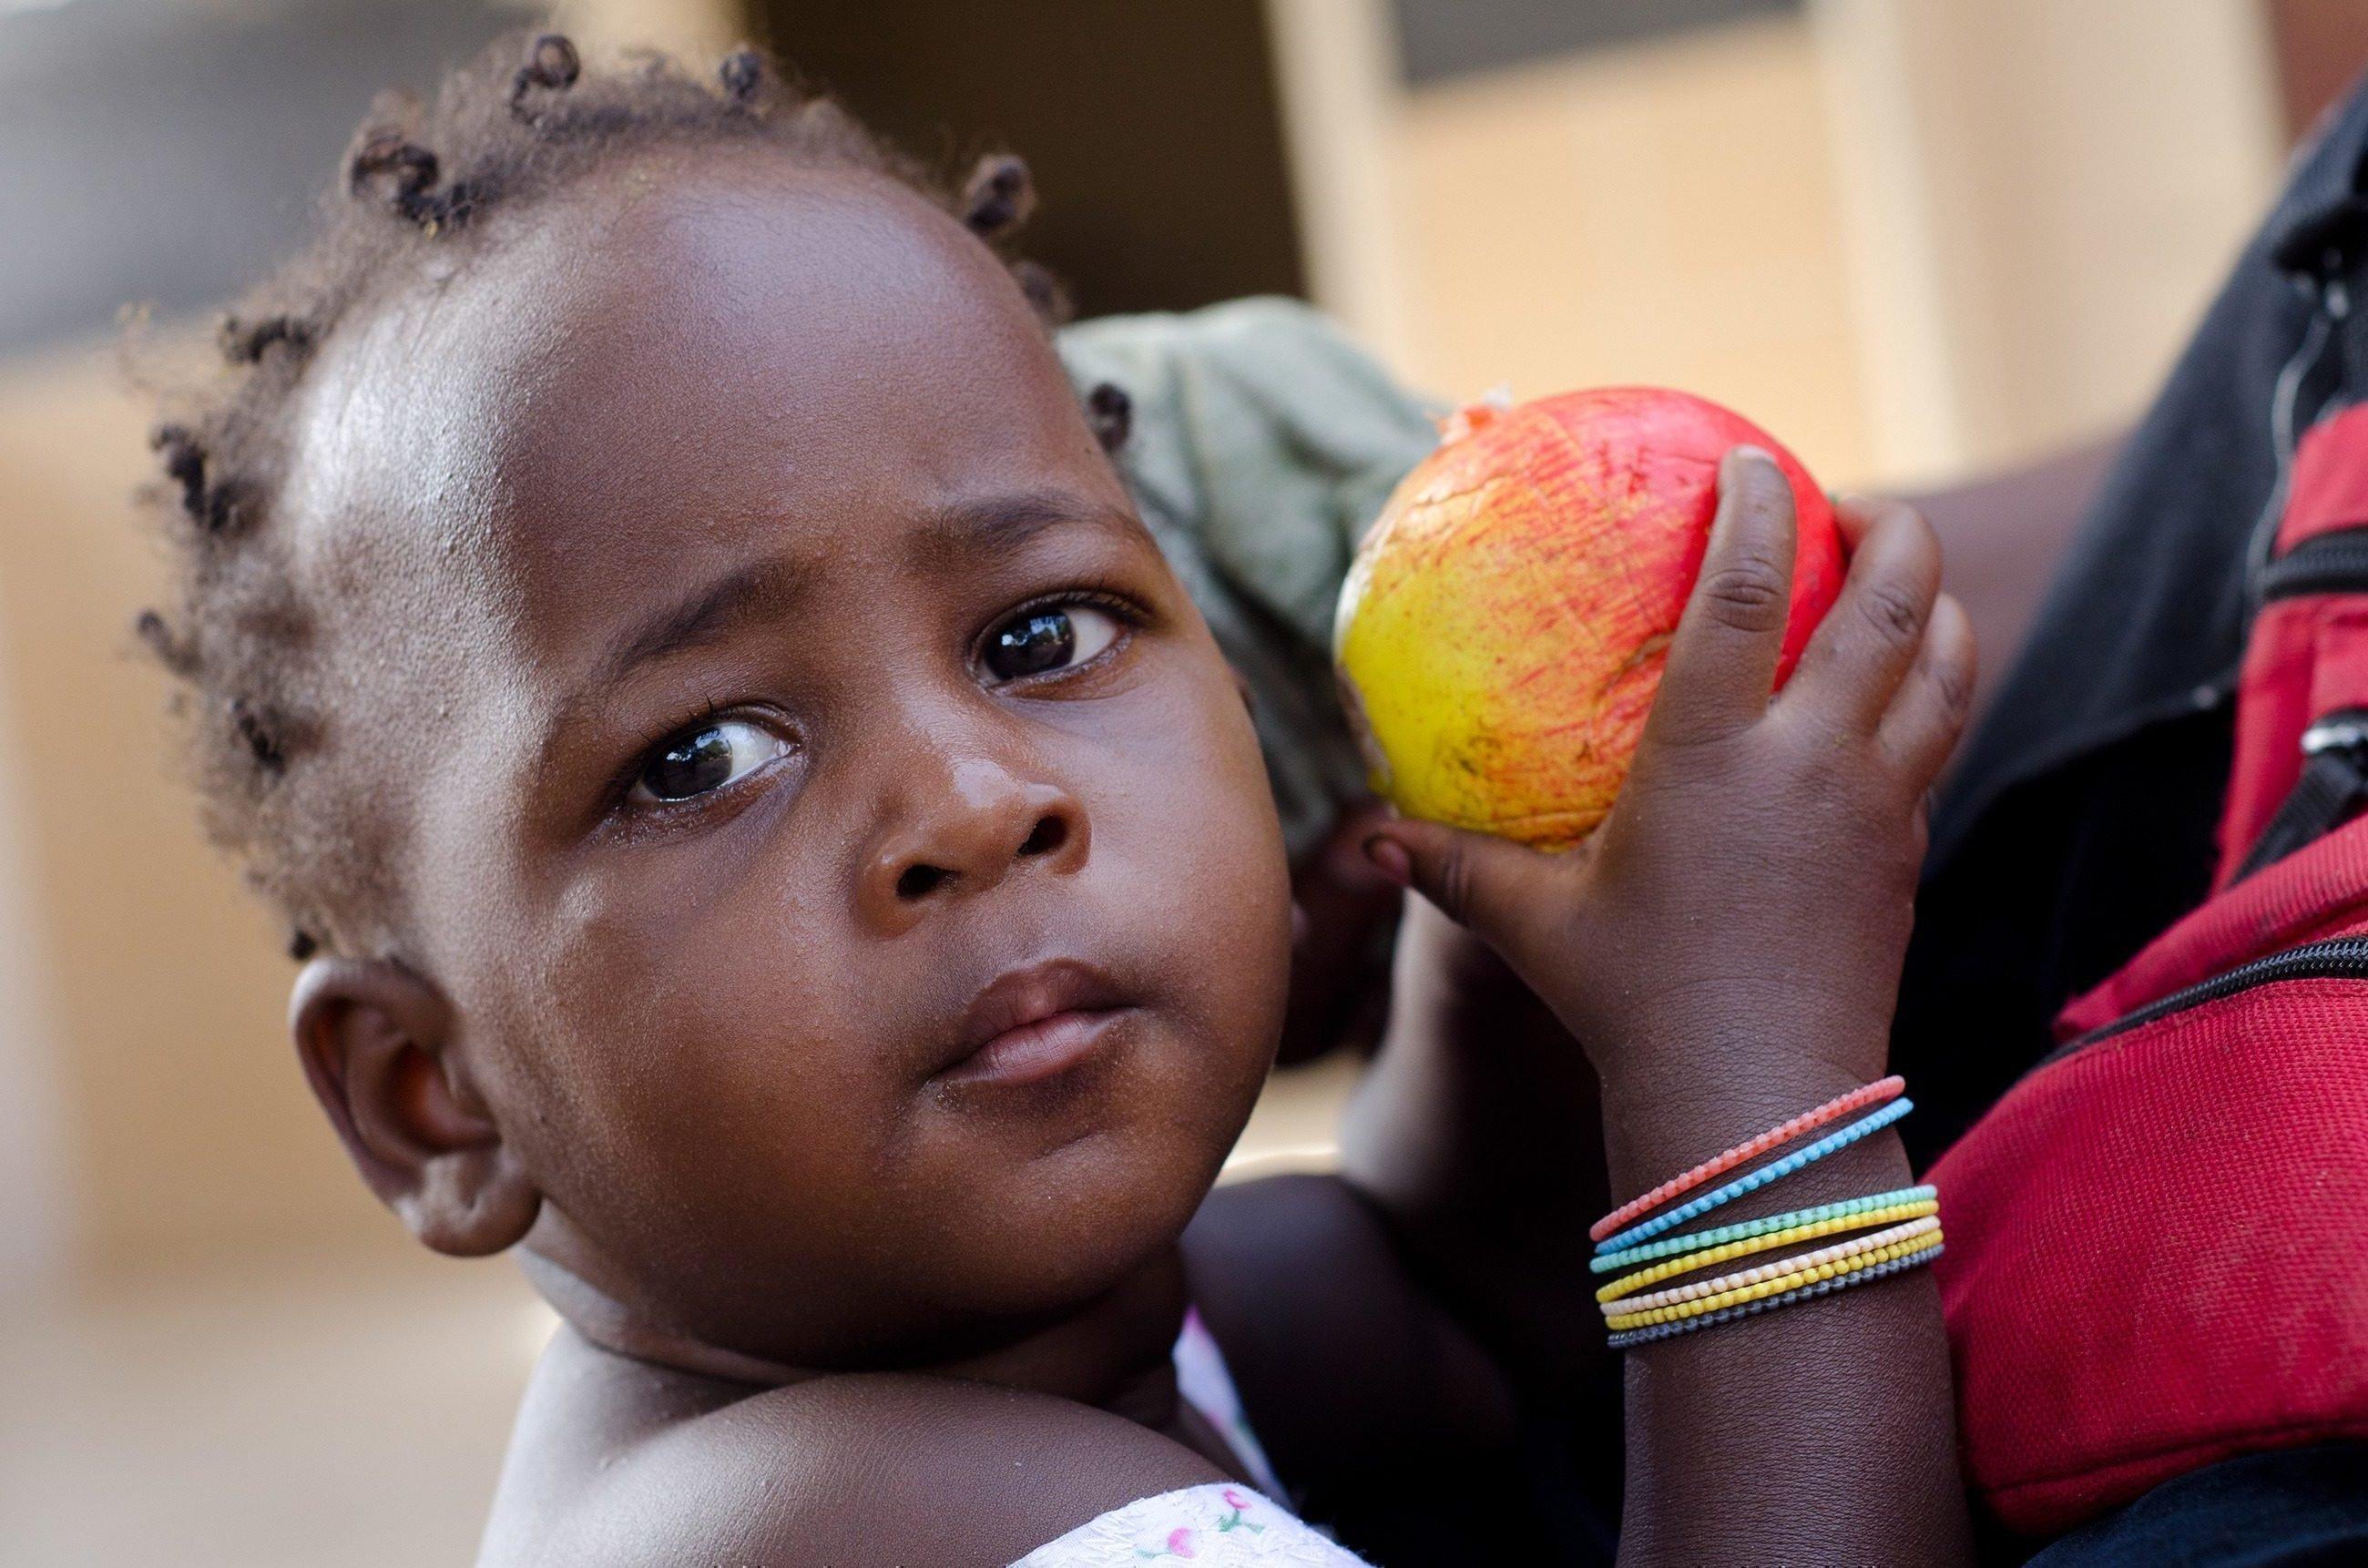 Kleines Mädchen hält einen Apfel im der Hand.